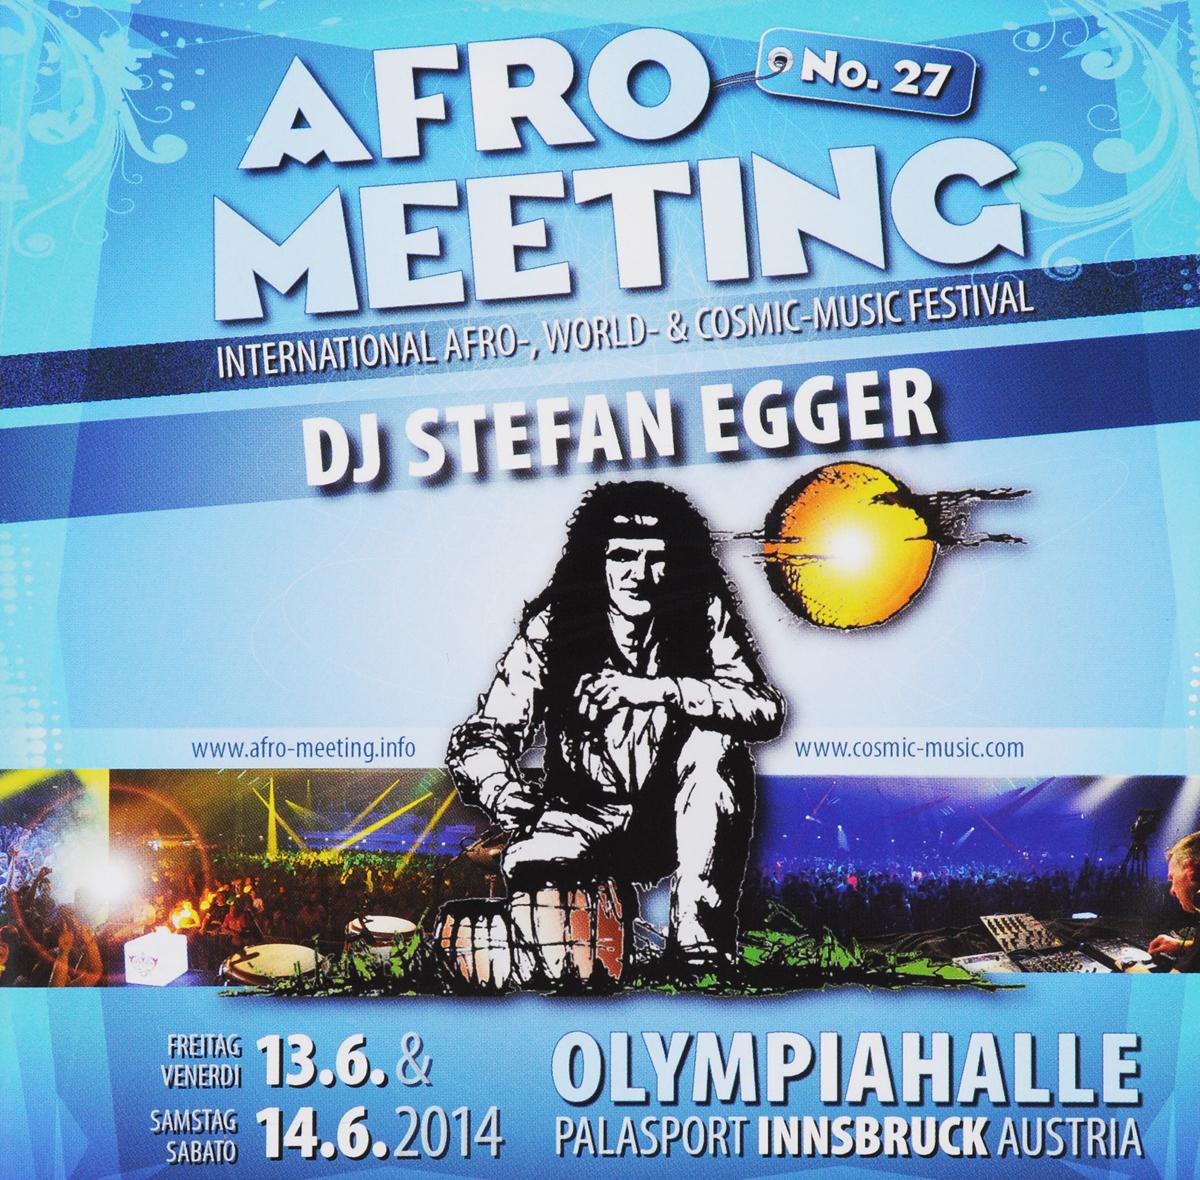 Stefan Egger / DJ Dj Egger. Afro Meeting Nr. 27/2014